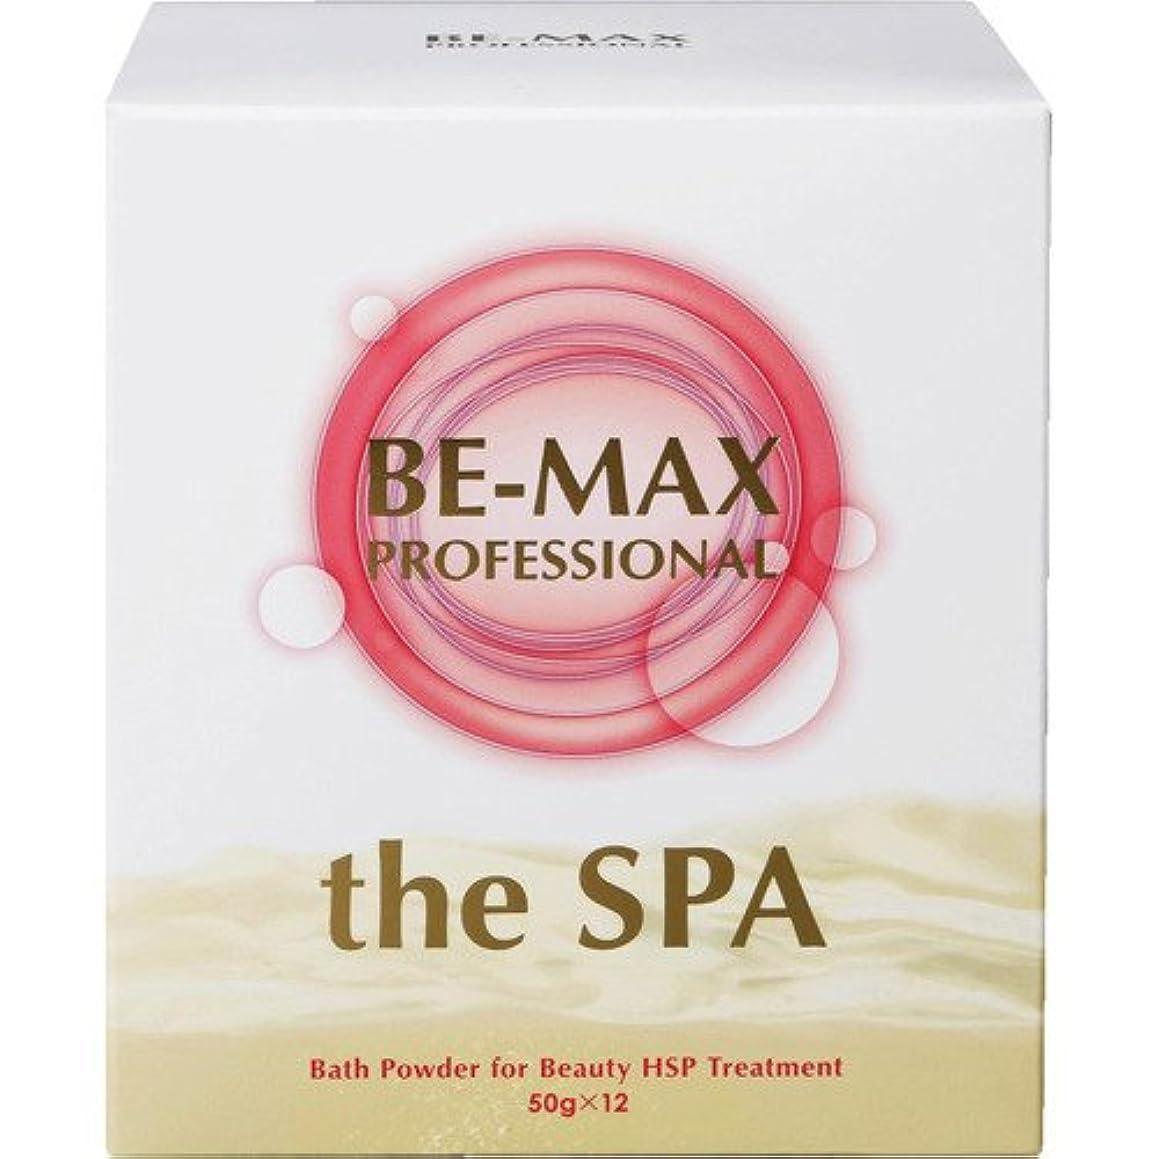 敬意ストローサワーBE-MAX the SPA 入浴剤 柑橘系ハーブ精油がふわりと香る微炭酸湯